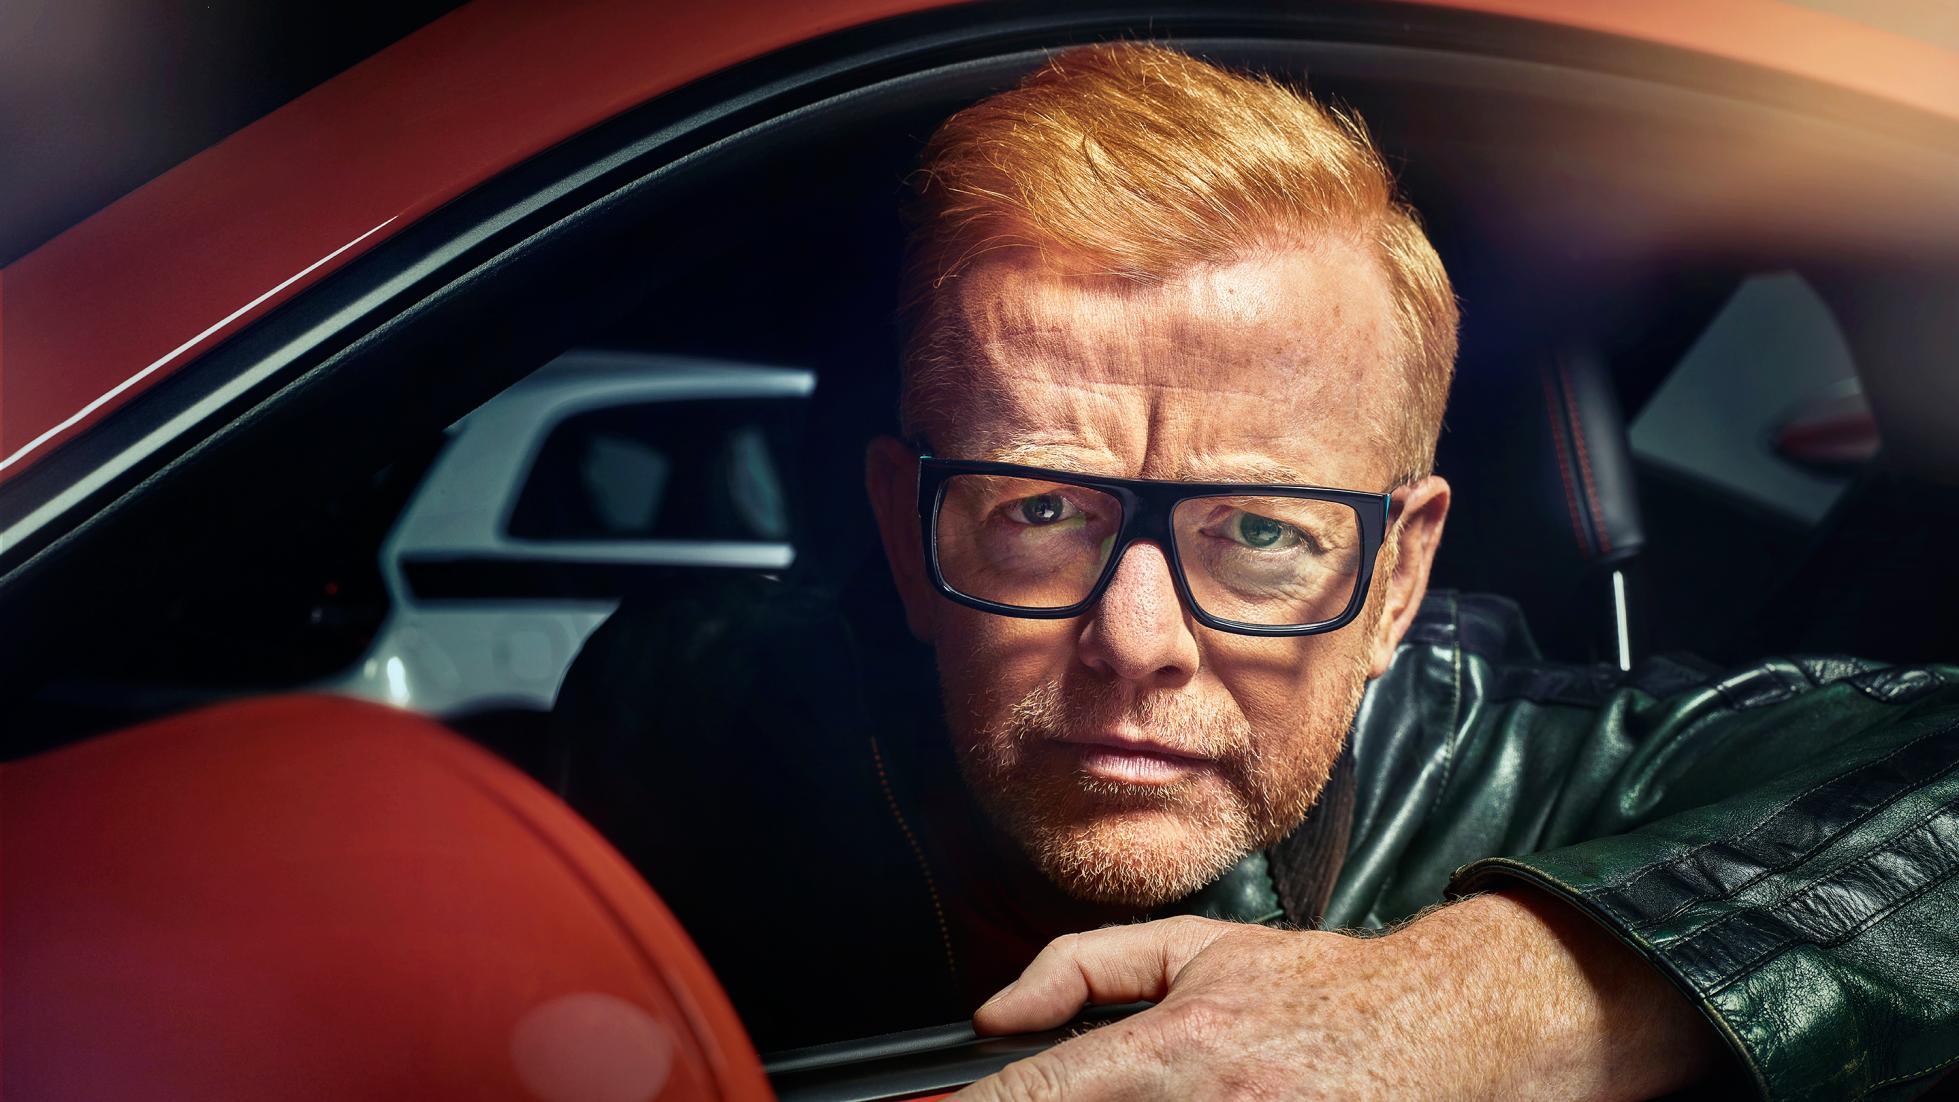 Top Gear Season 23 Episode 6